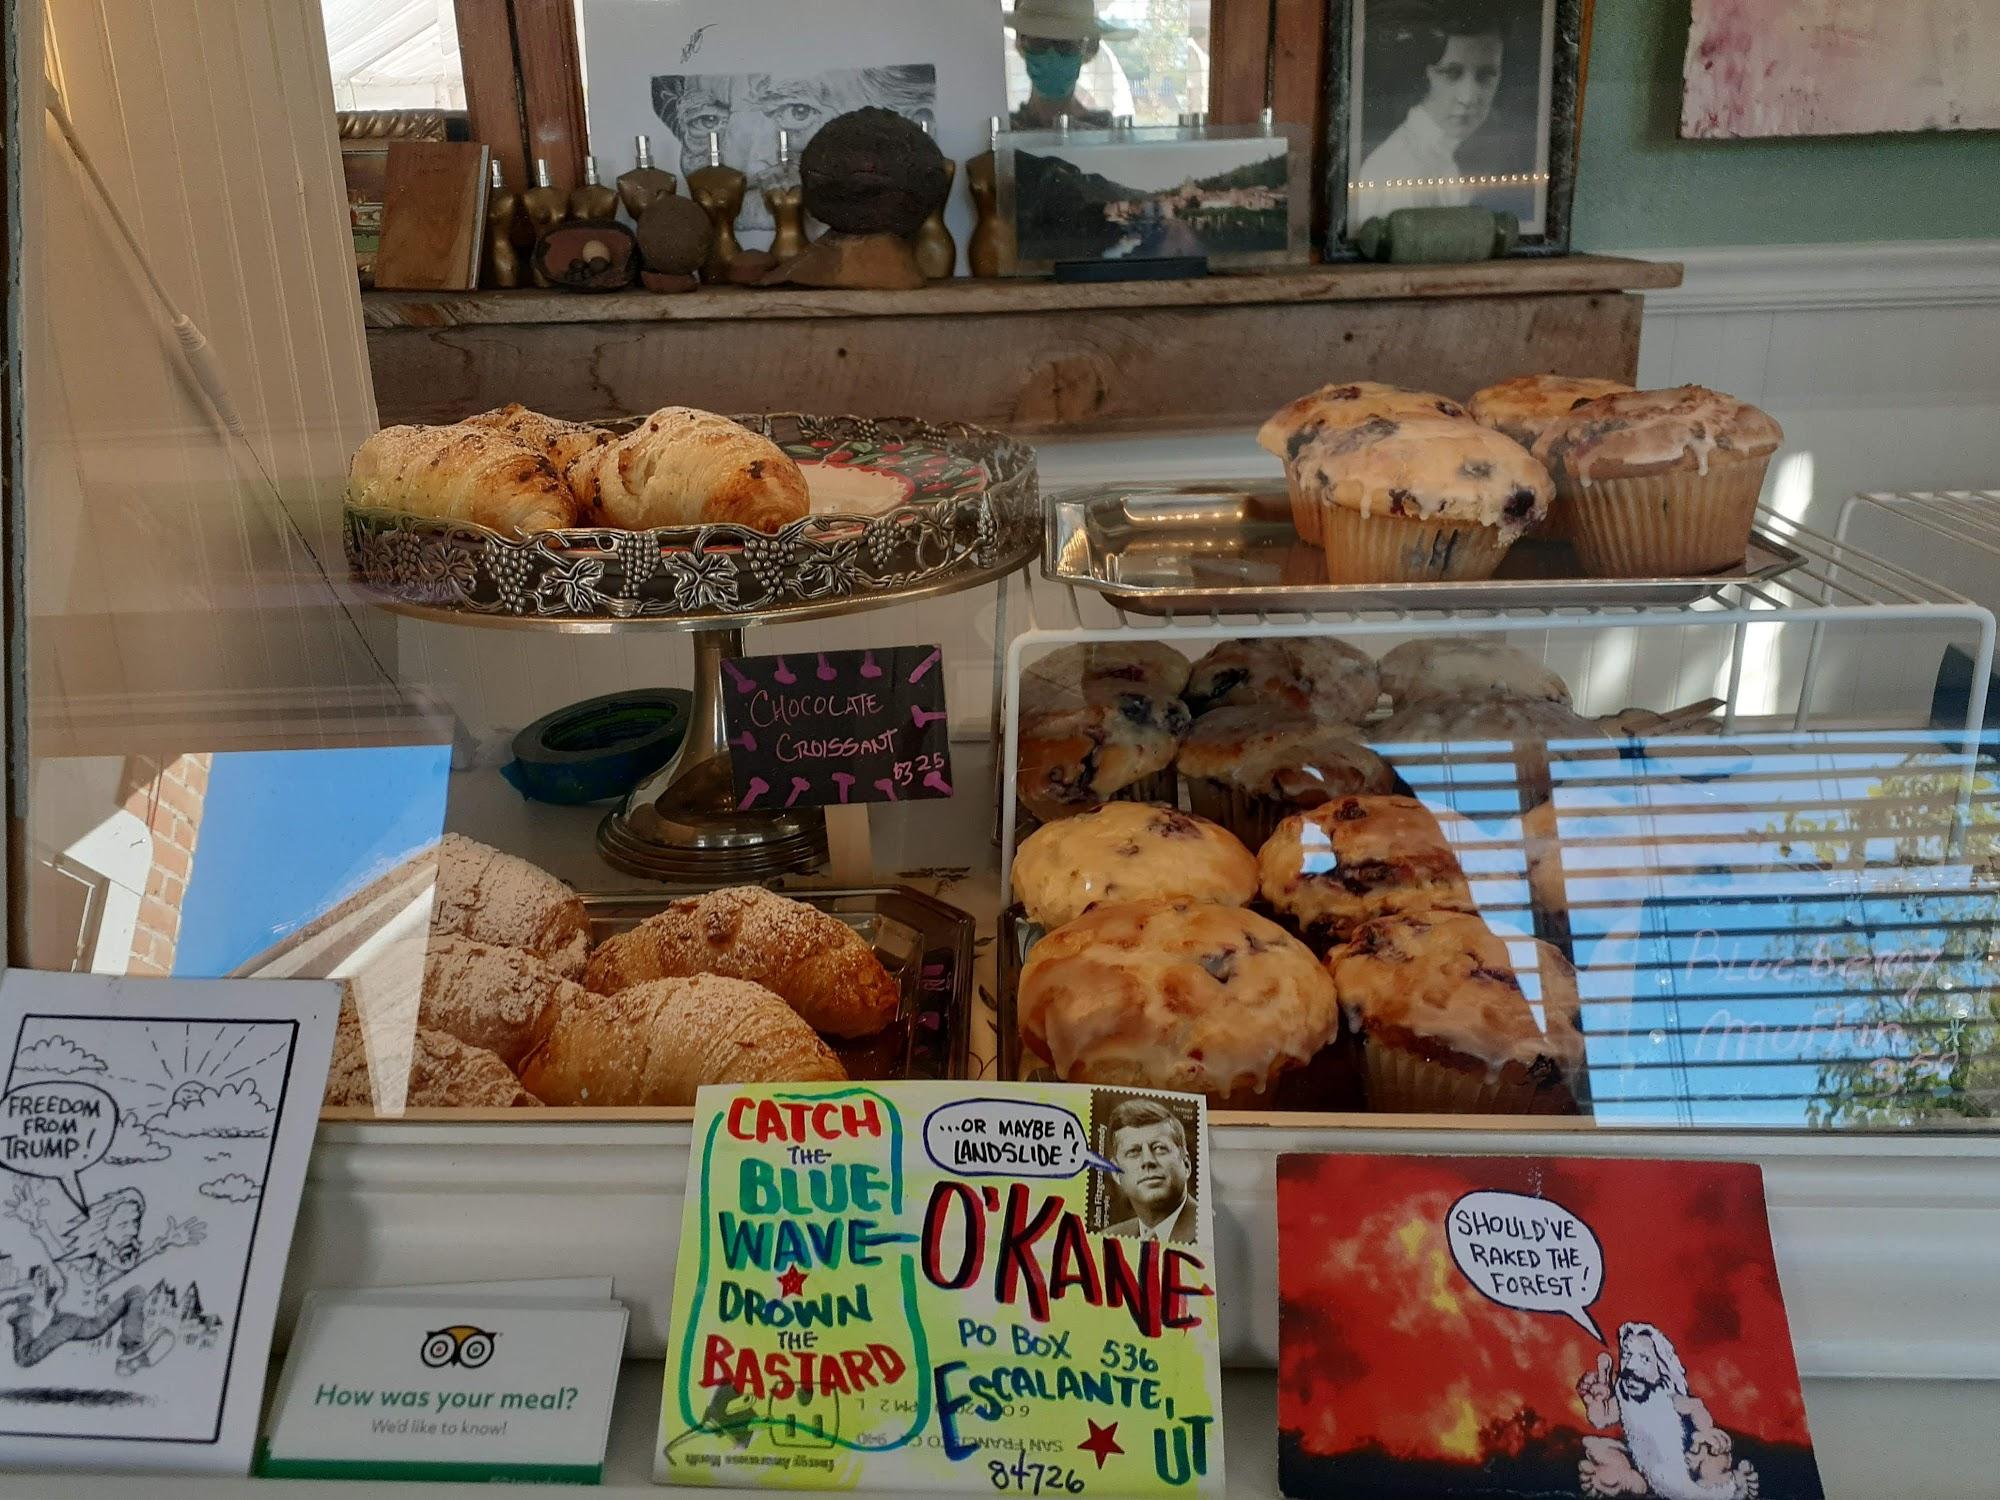 Mimi's Bakery & Deli 190 W Main St, Escalante